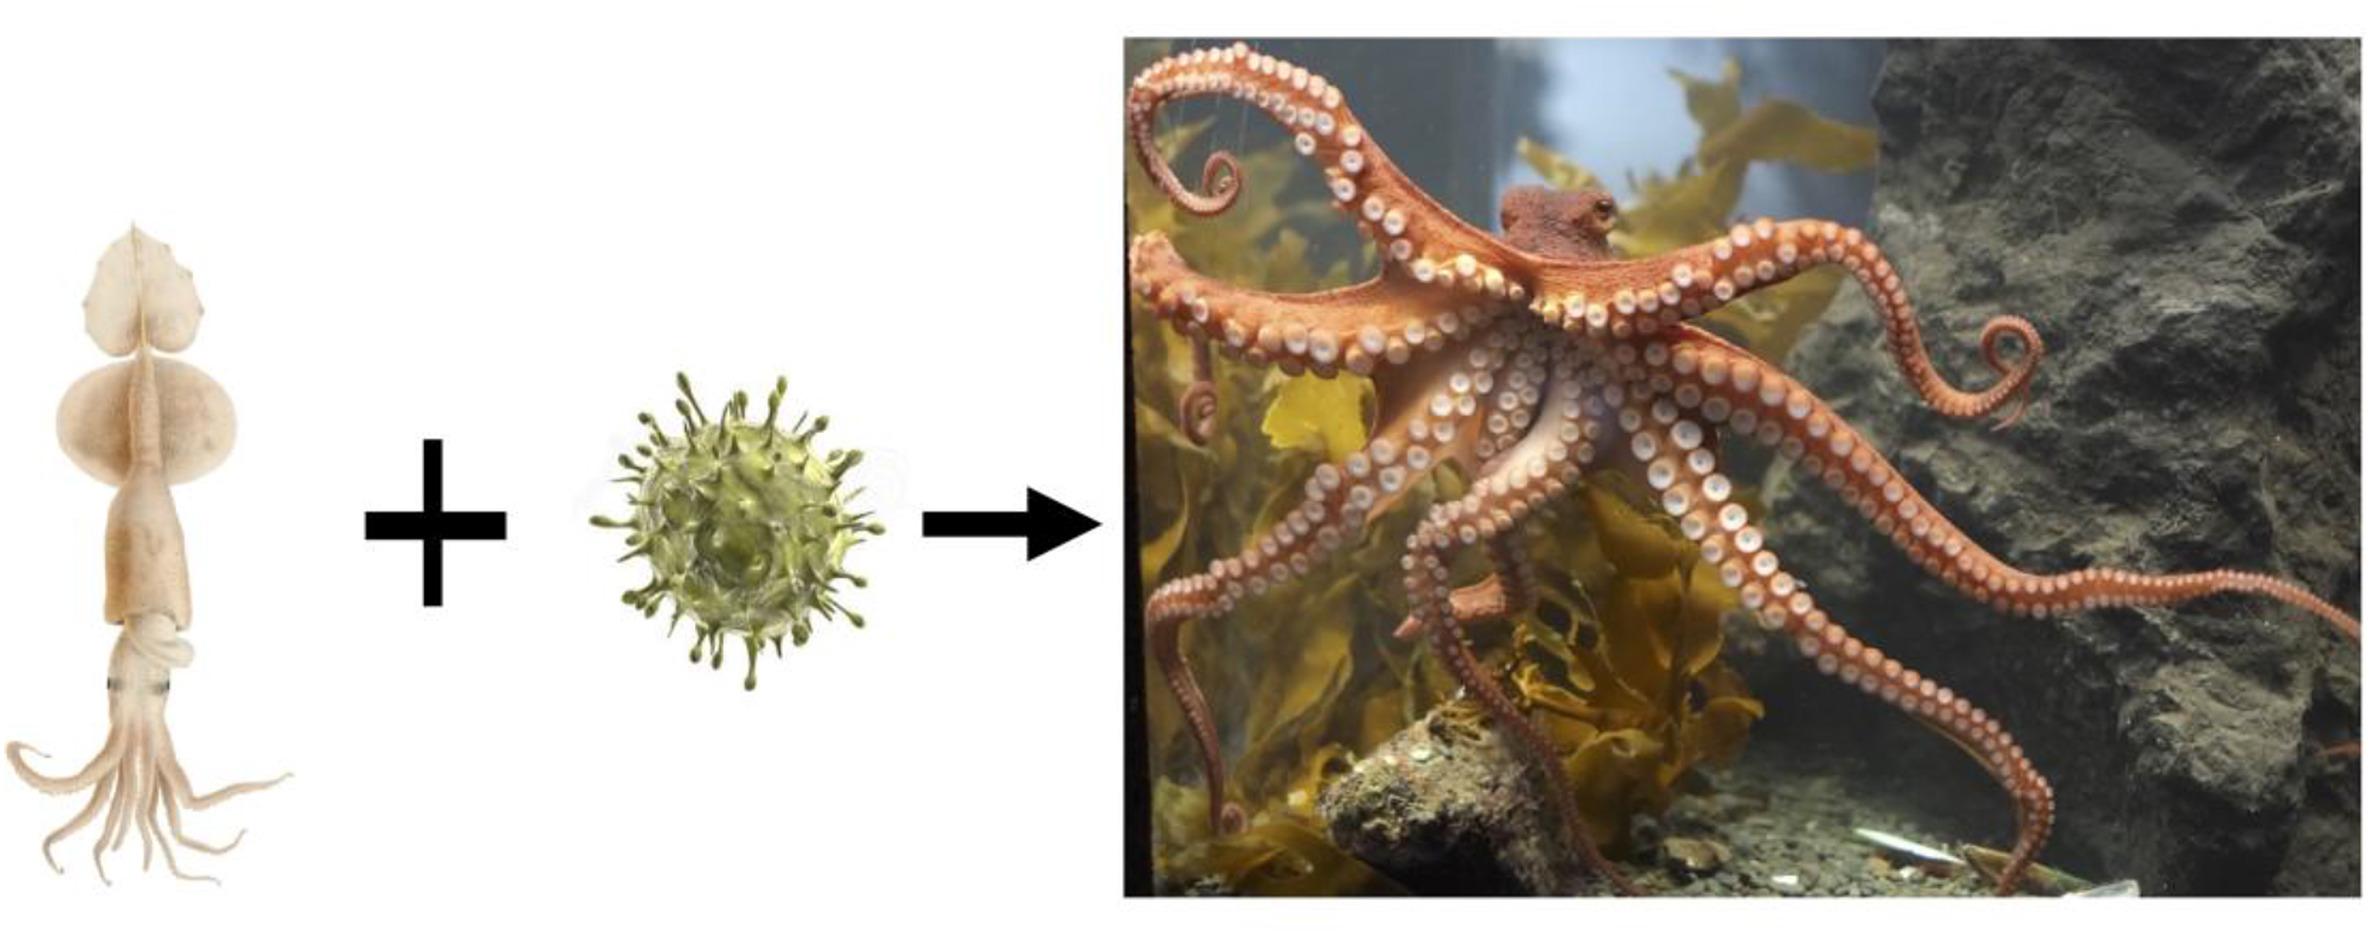 Иллюстрация из статьи, раскрывающая тайну происхождения осьминогов.